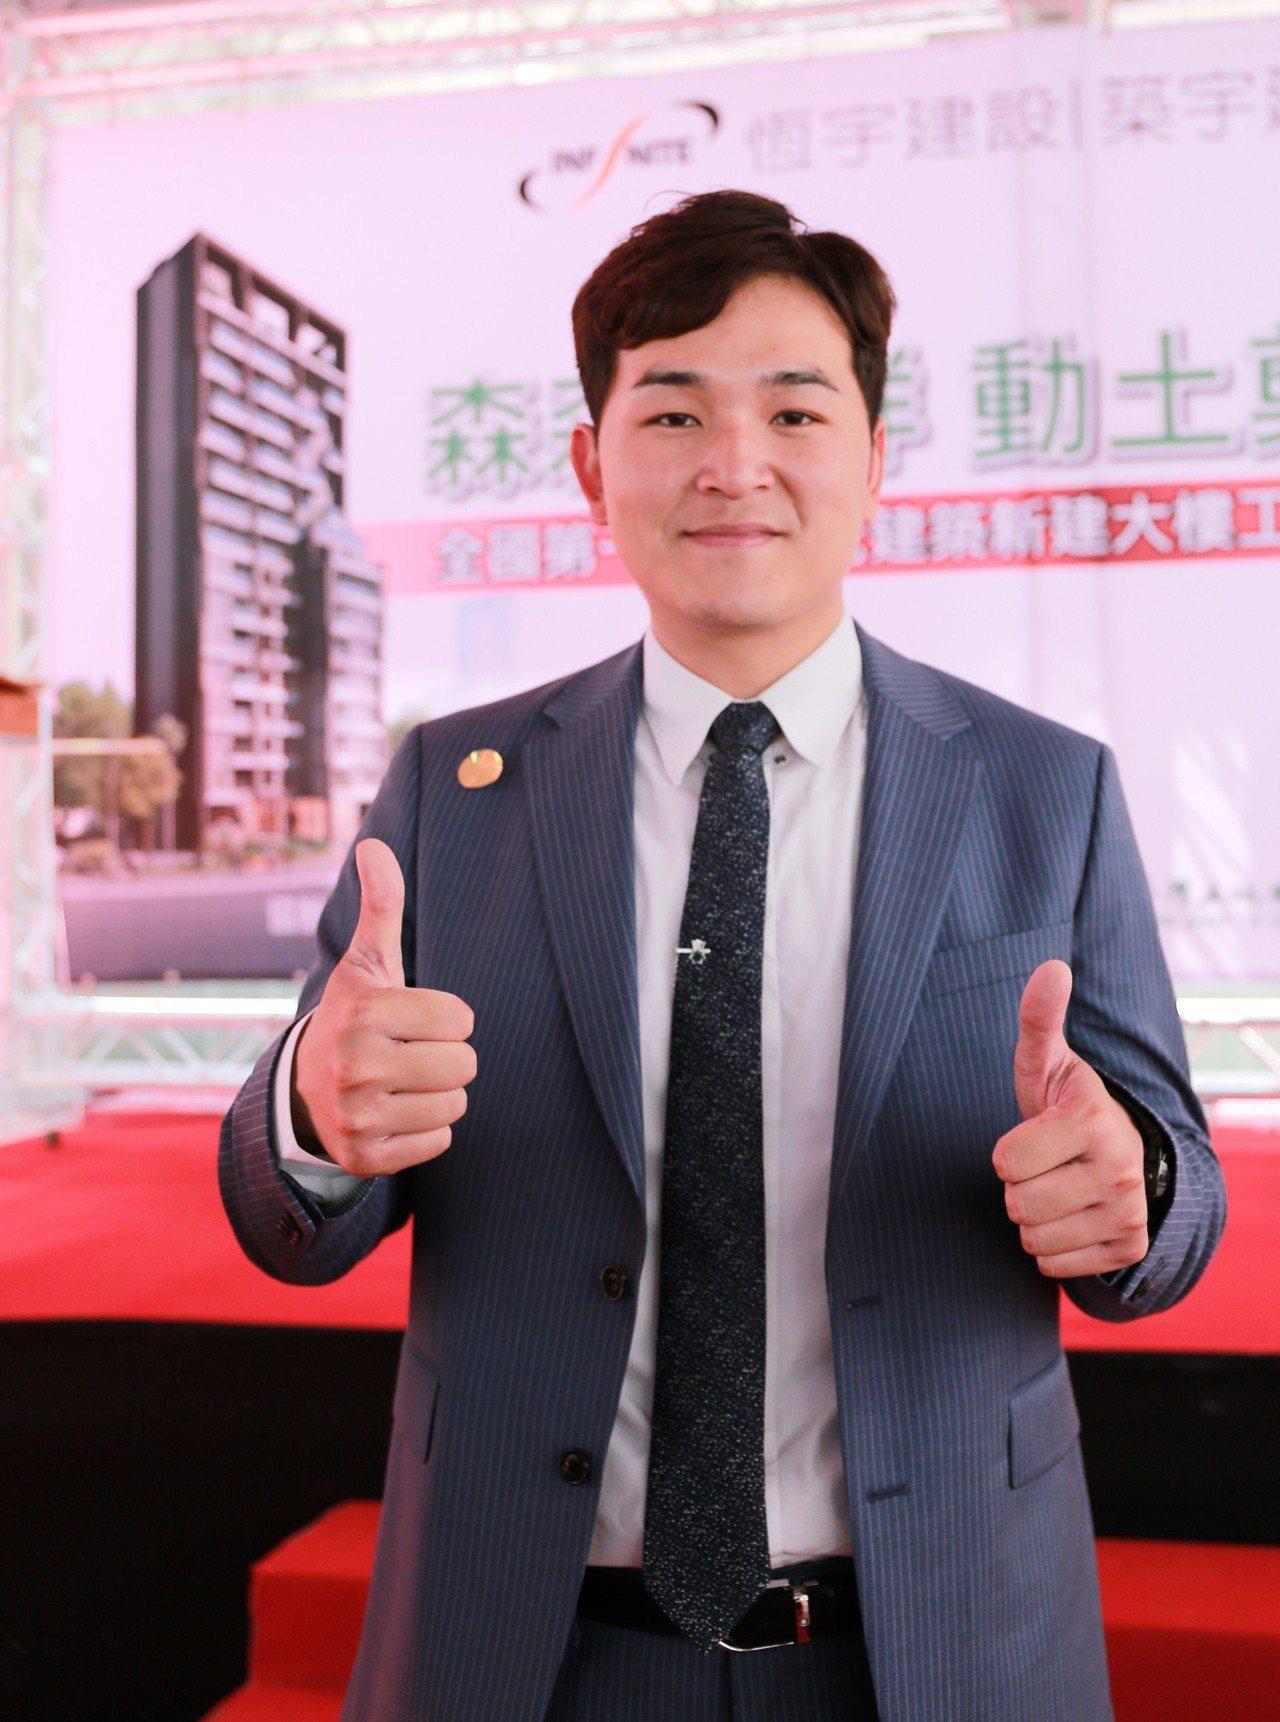 恆宇建設董事長孫培鈞年輕有為,以誠意成功整合住戶,完成全台第一件危老建築動土。 ...